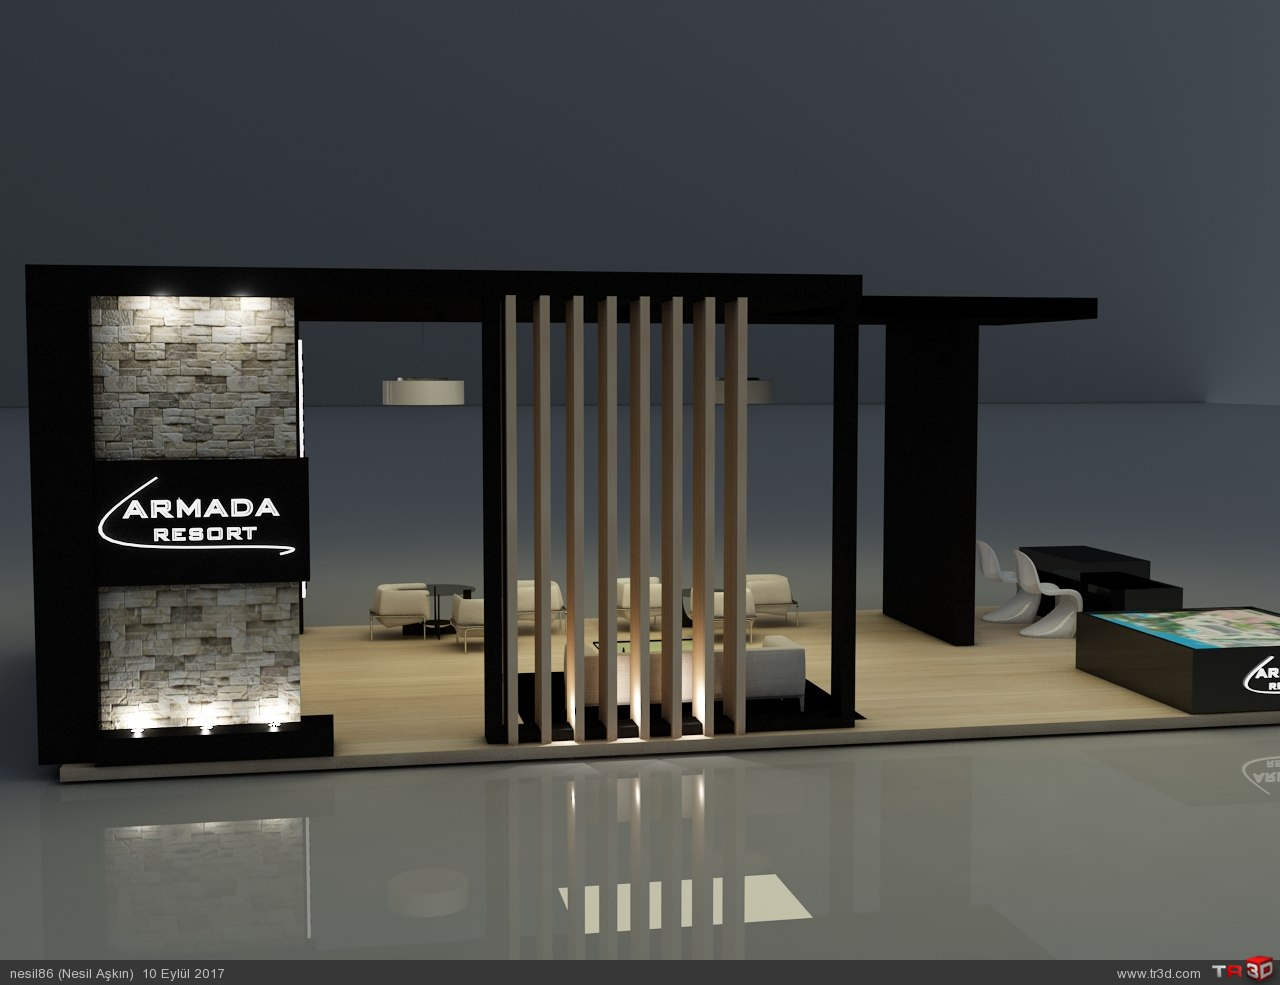 armada resort 1